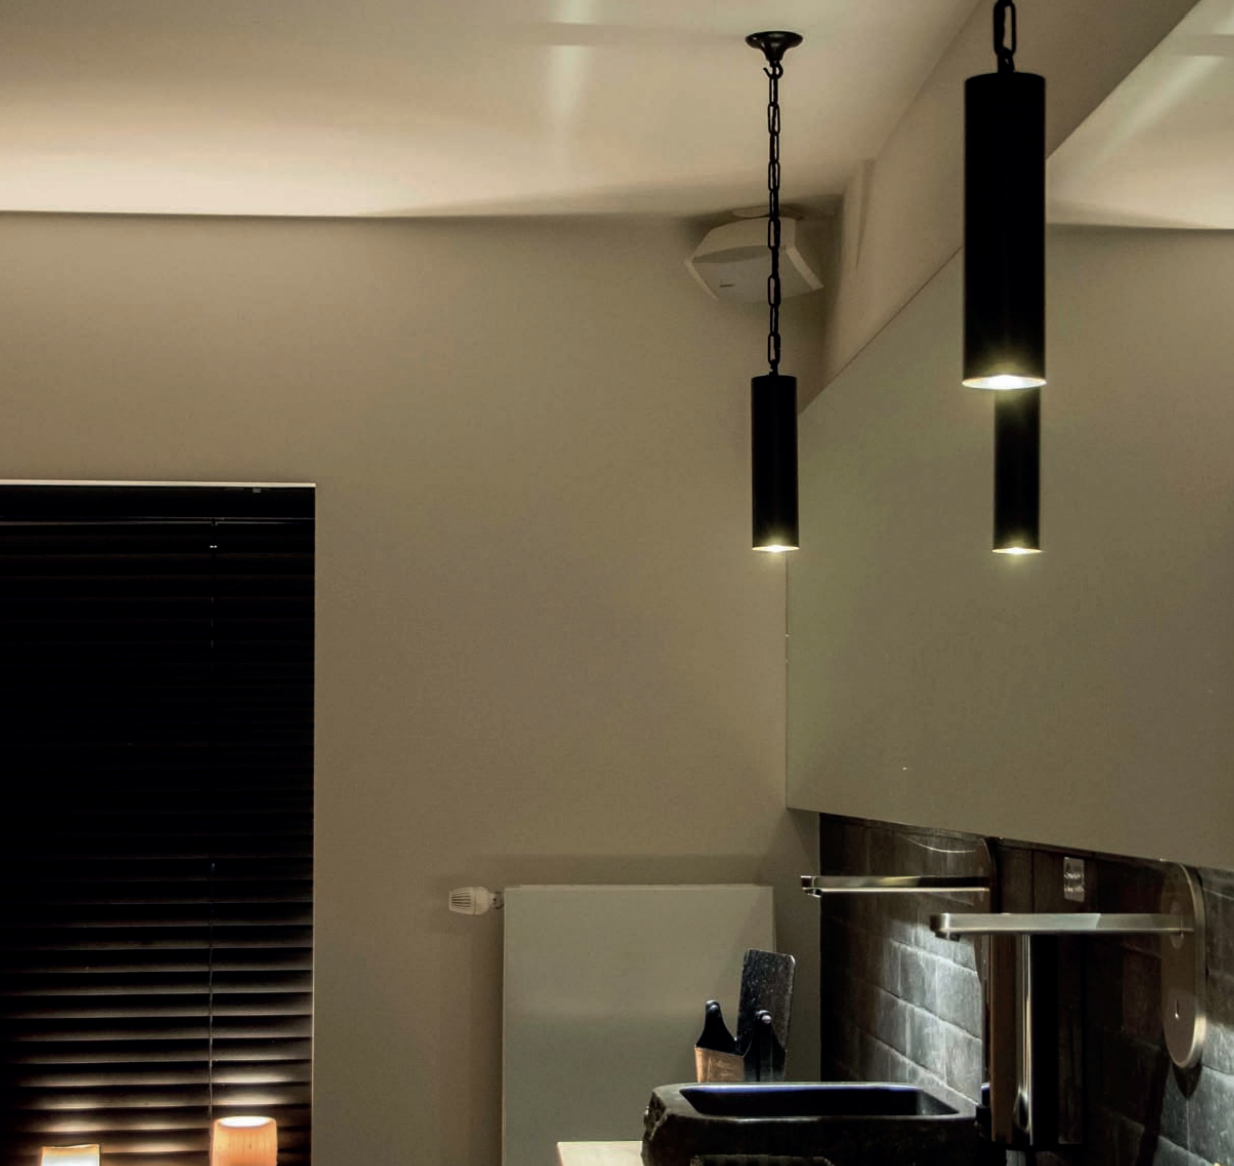 Full Size of Kcheninsel Hngeleuchte Rund Mit Warmen Und Funktionalen Licht Wohnzimmer Kücheninsel